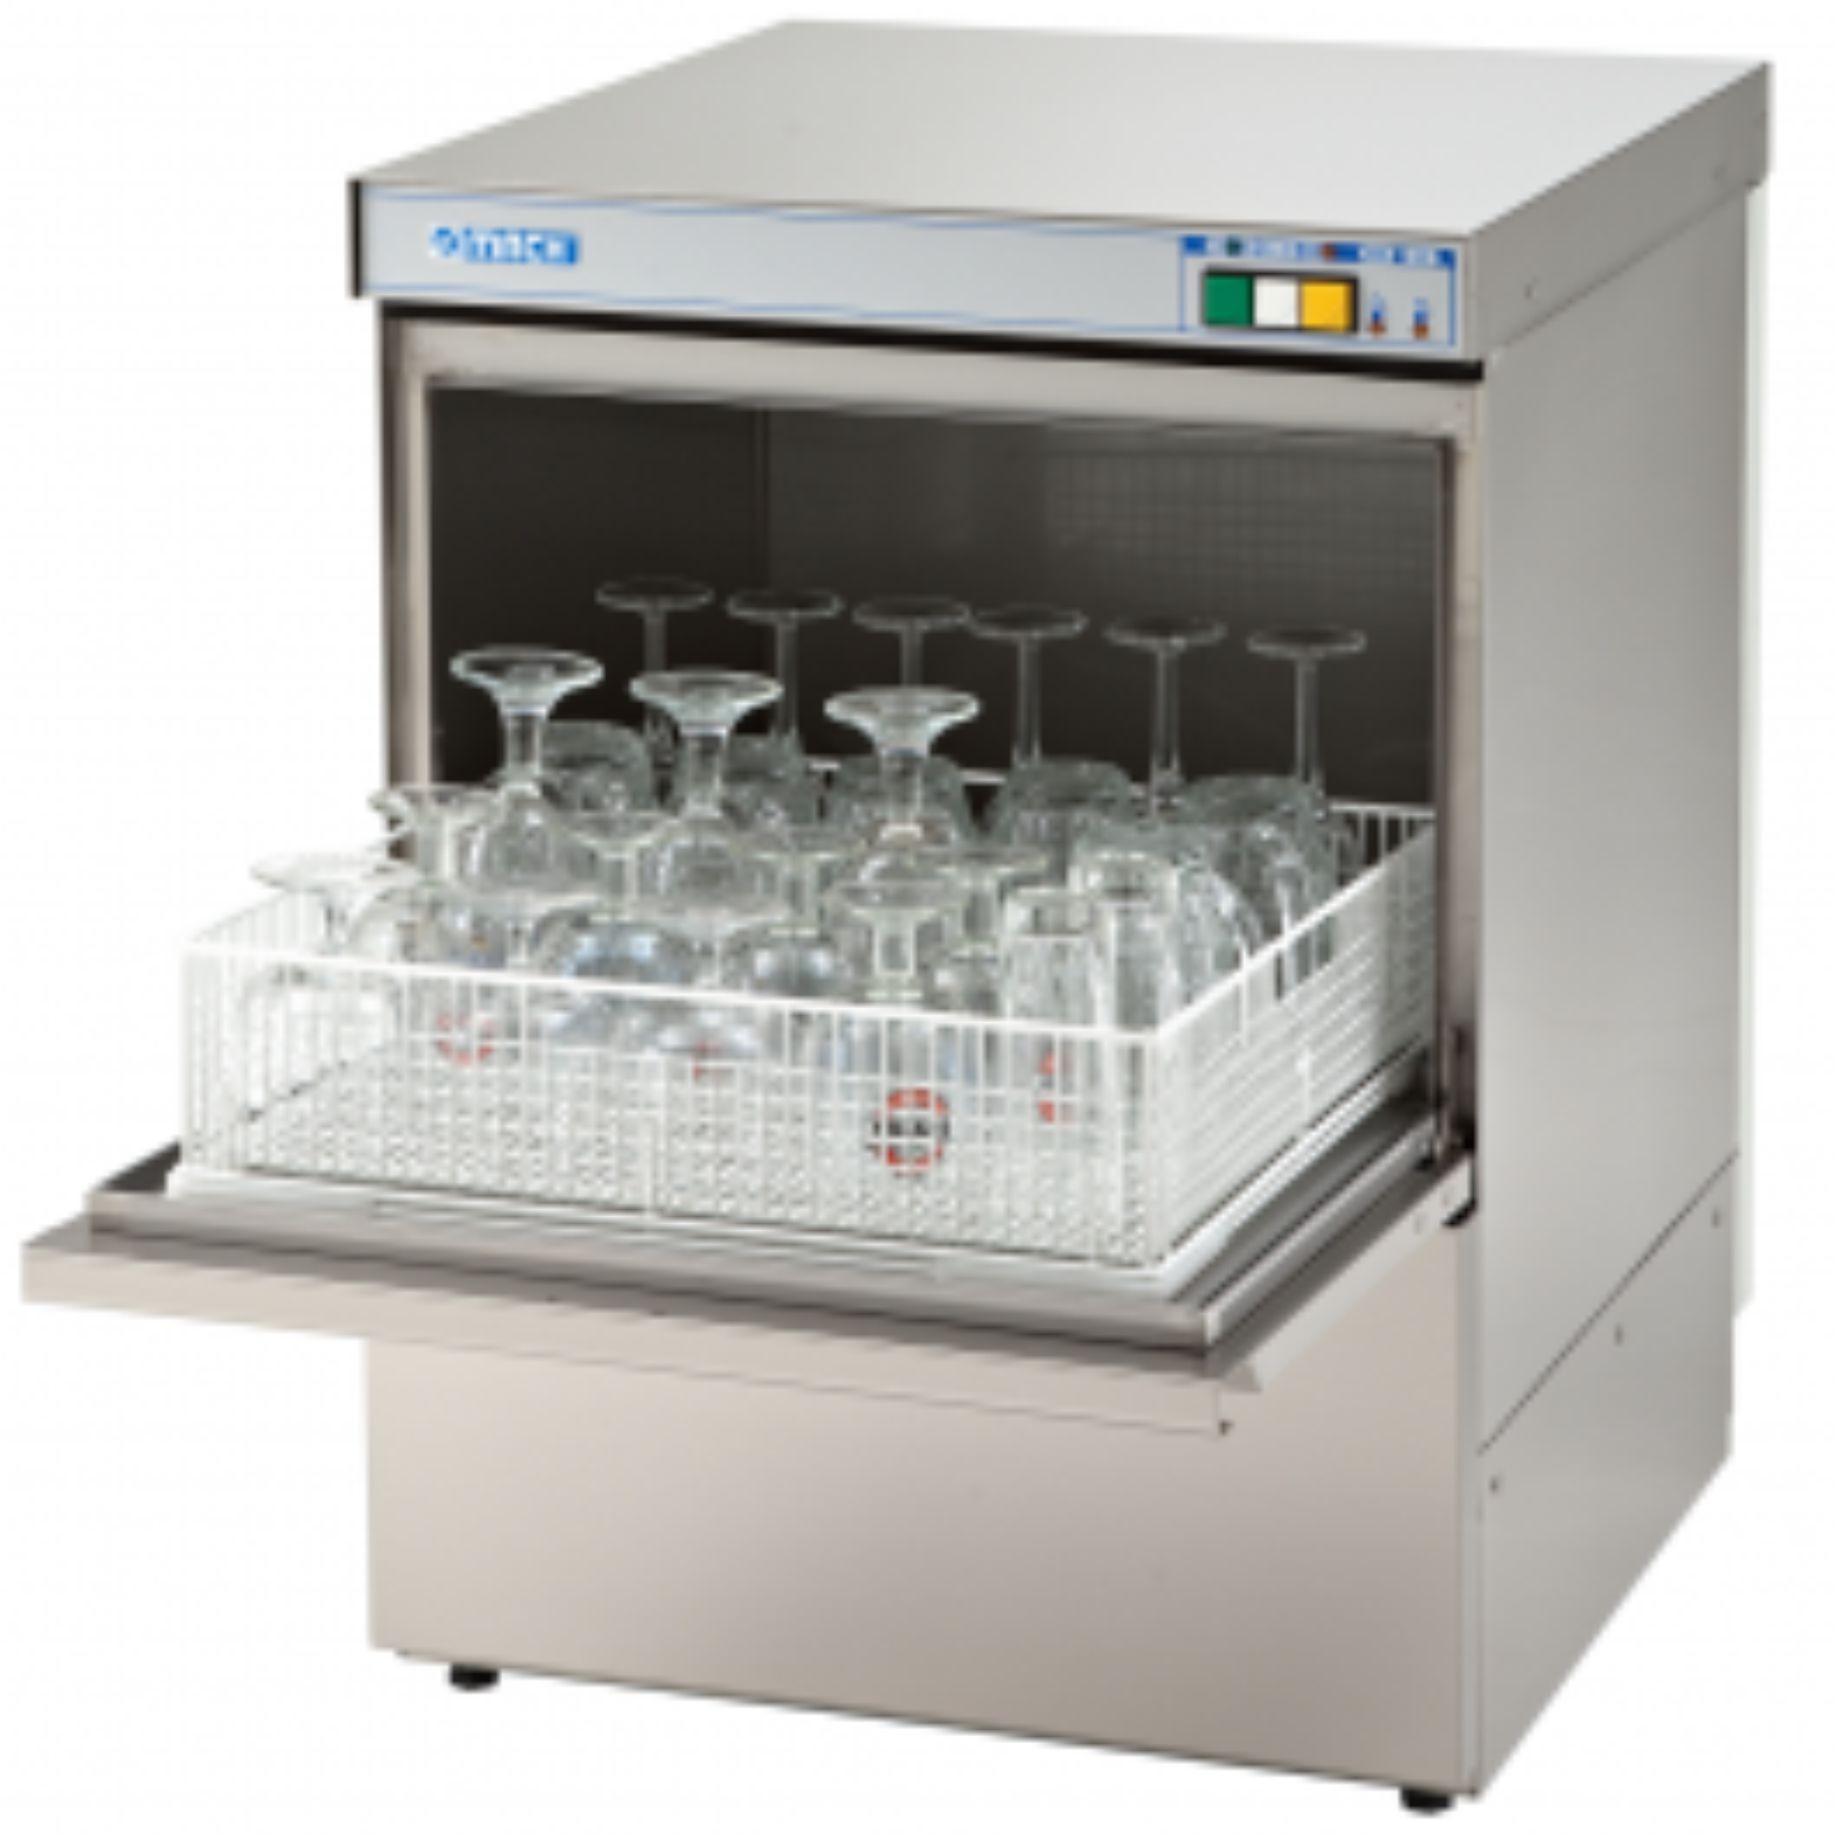 инструкция посудомоечной машиной mach ms 9451